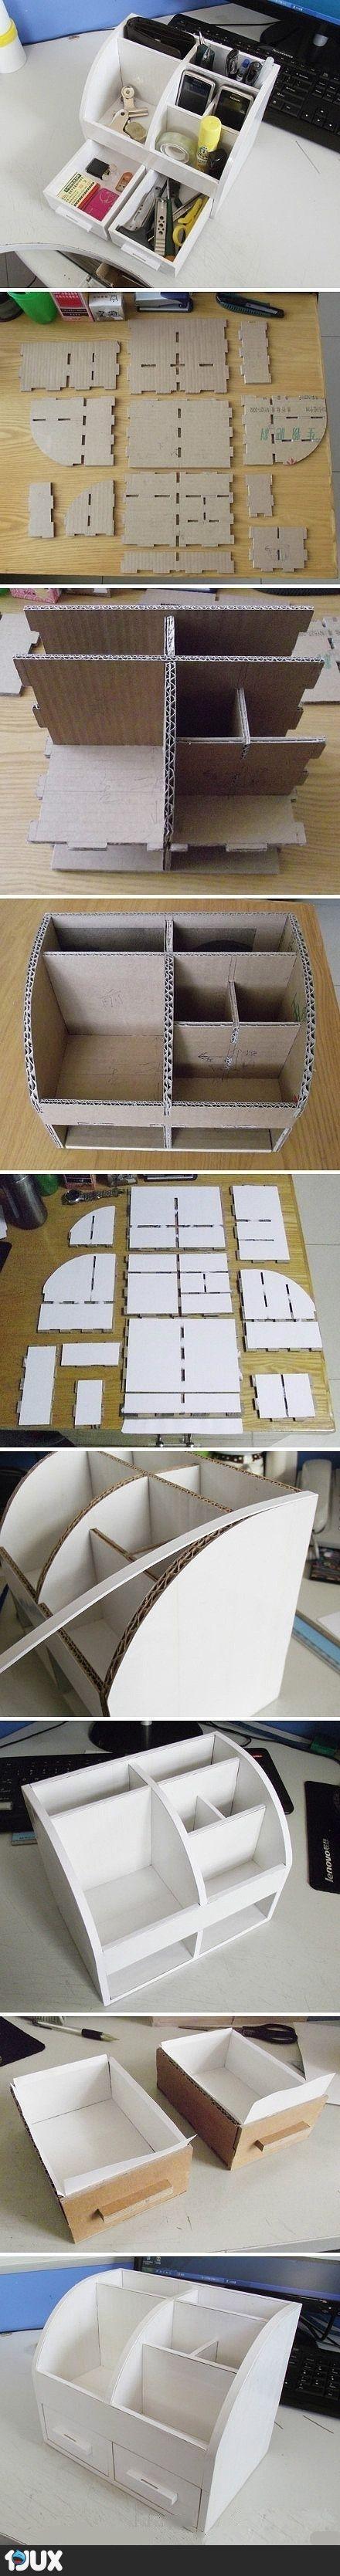 Tisch Organizer aus Pappe / Desk organizer / DIY